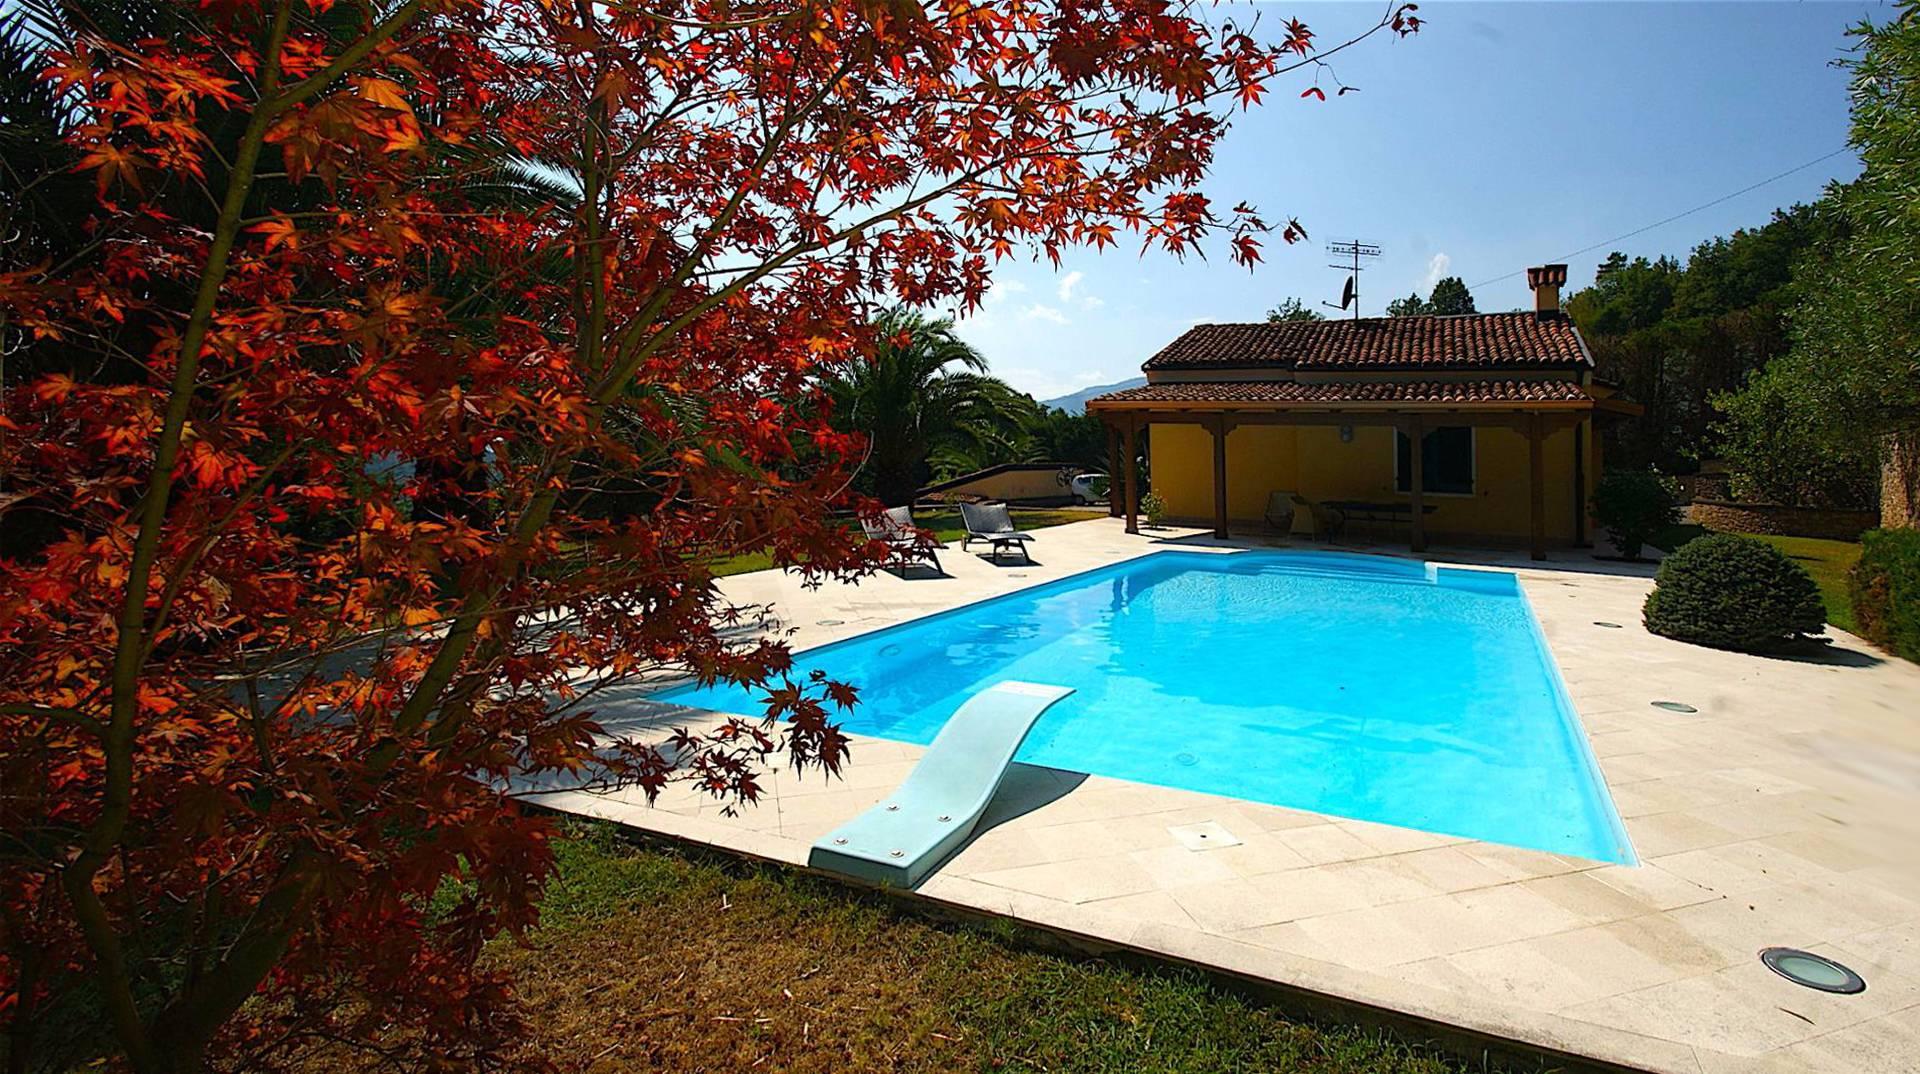 Villa in vendita a Finale Ligure, 7 locali, zona Località: Gorra, prezzo € 850.000 | Cambio Casa.it